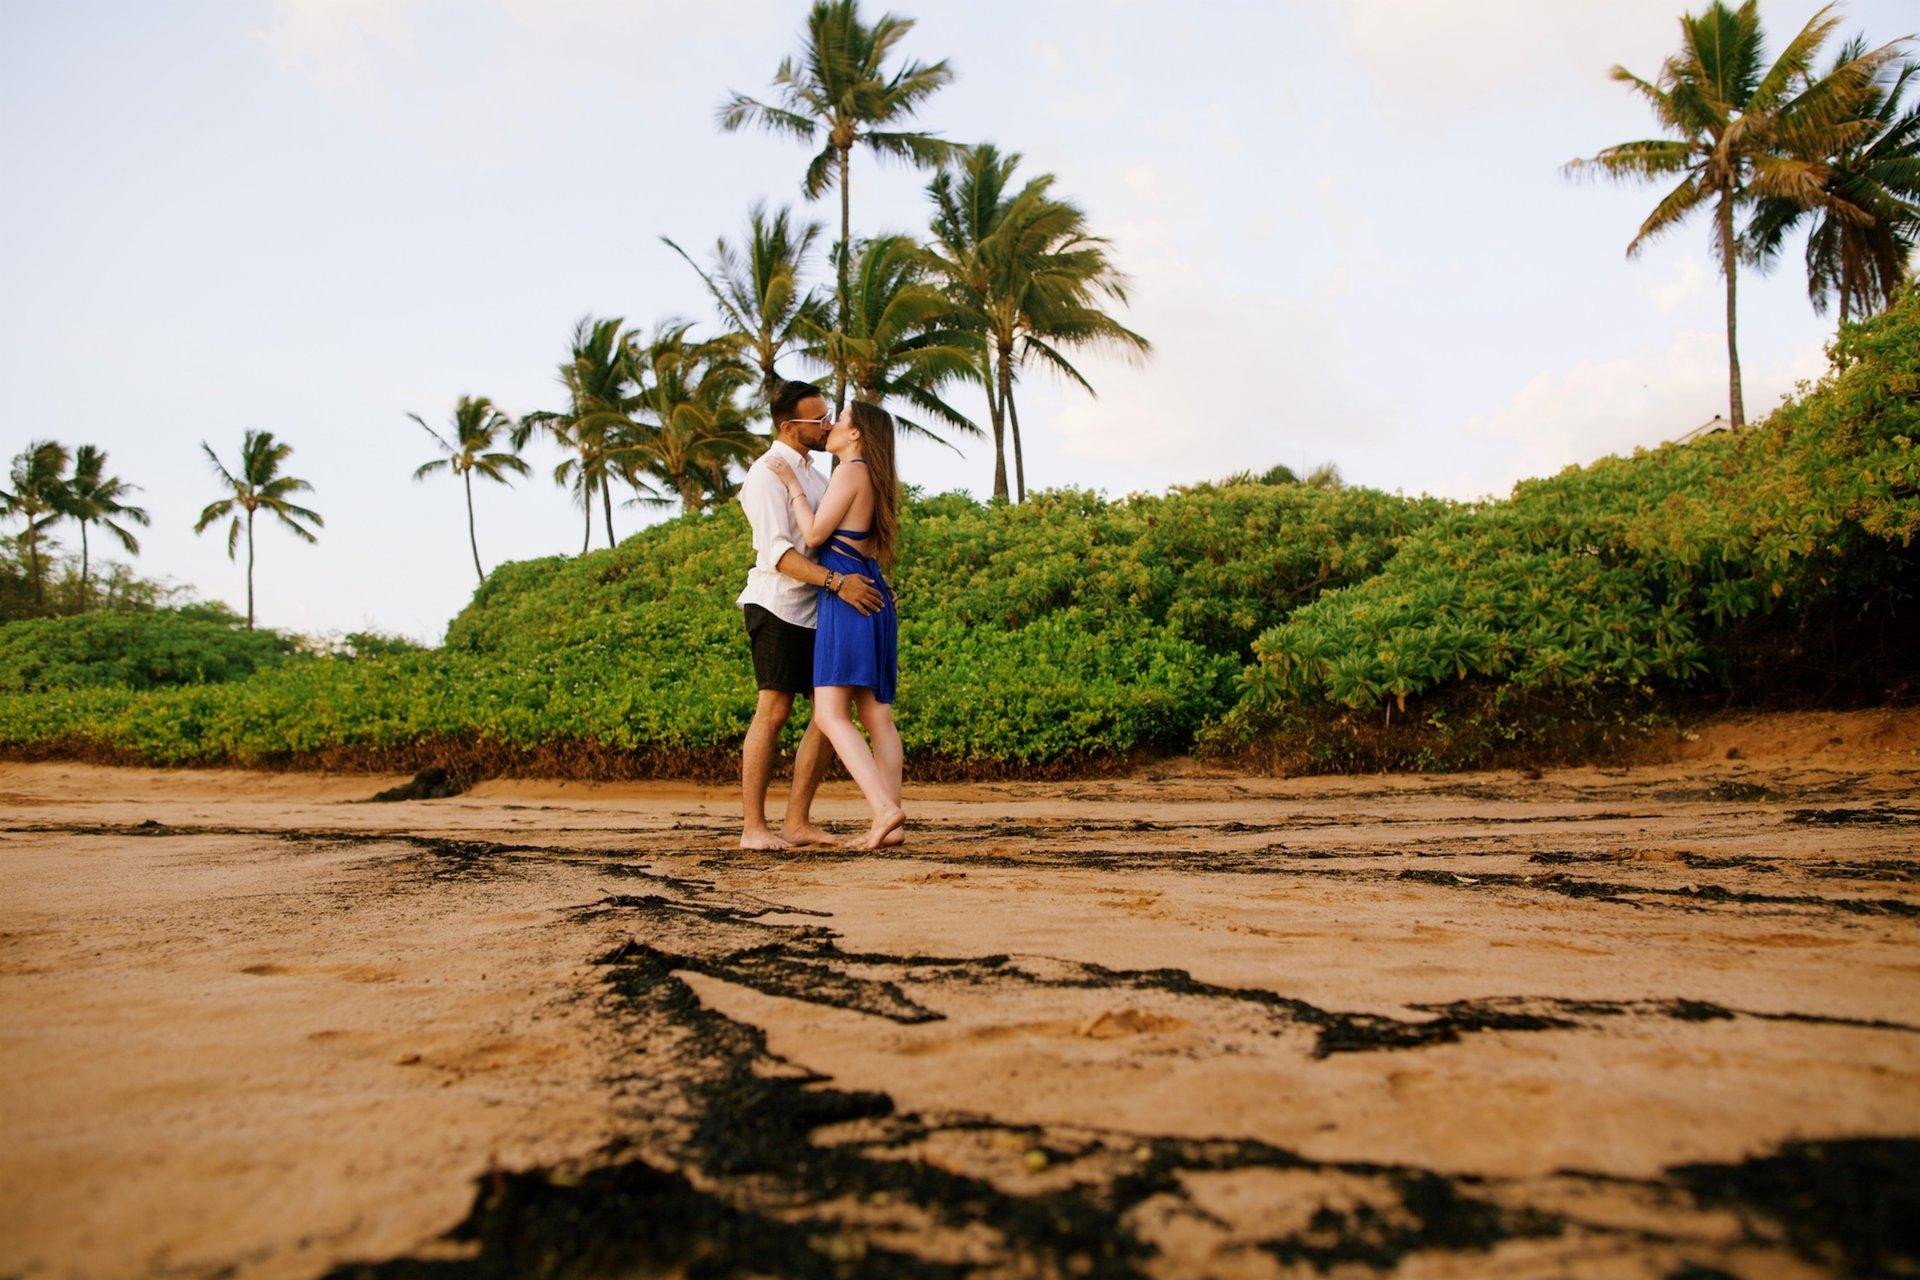 Maui-United States-travel-story-Flytographer-36